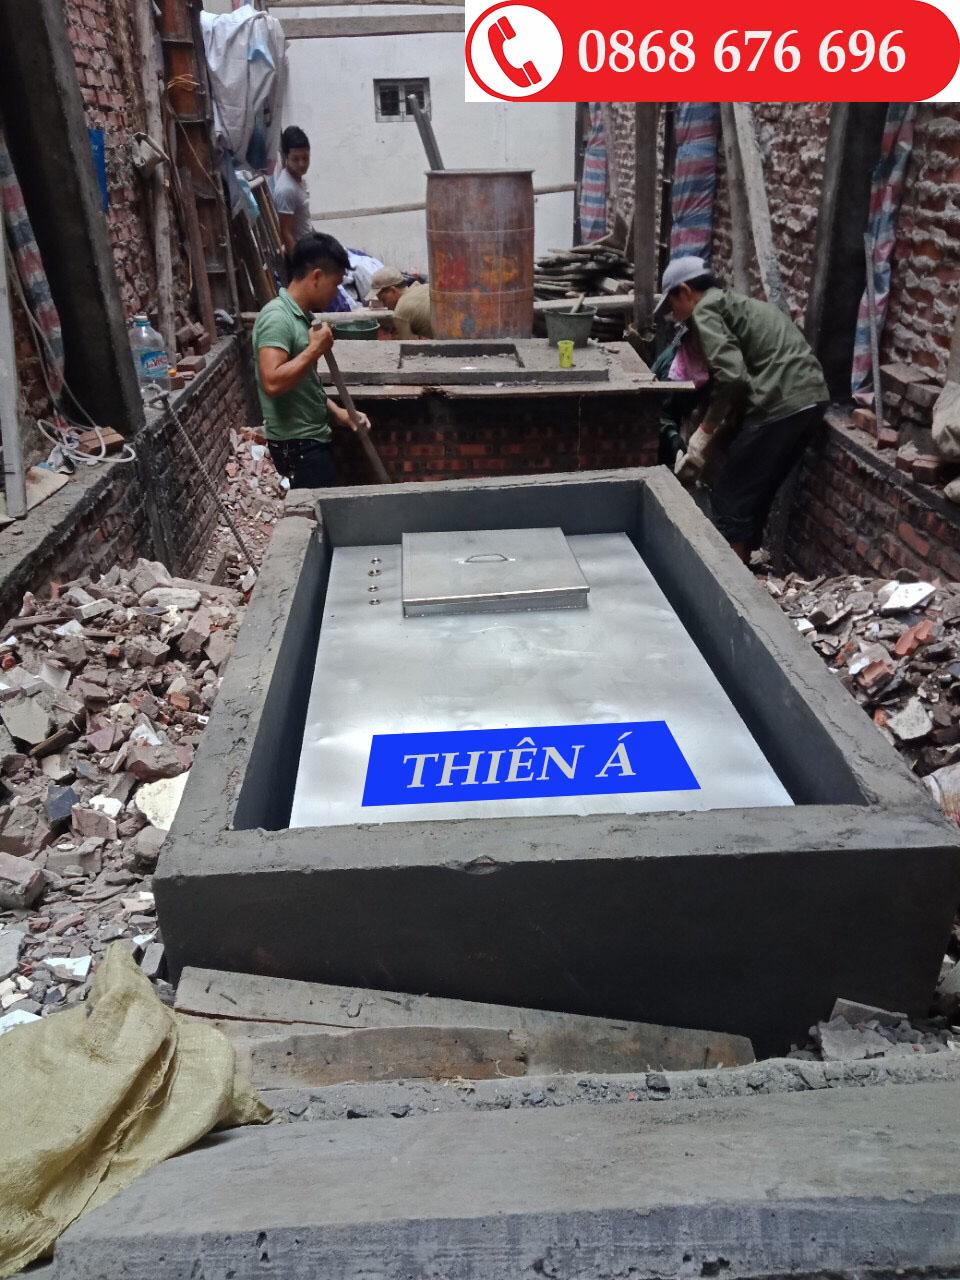 Bể Vuông Inox 304 - Thiên Á Sản Xuất Bể Vuông Theo Yêu Cầu